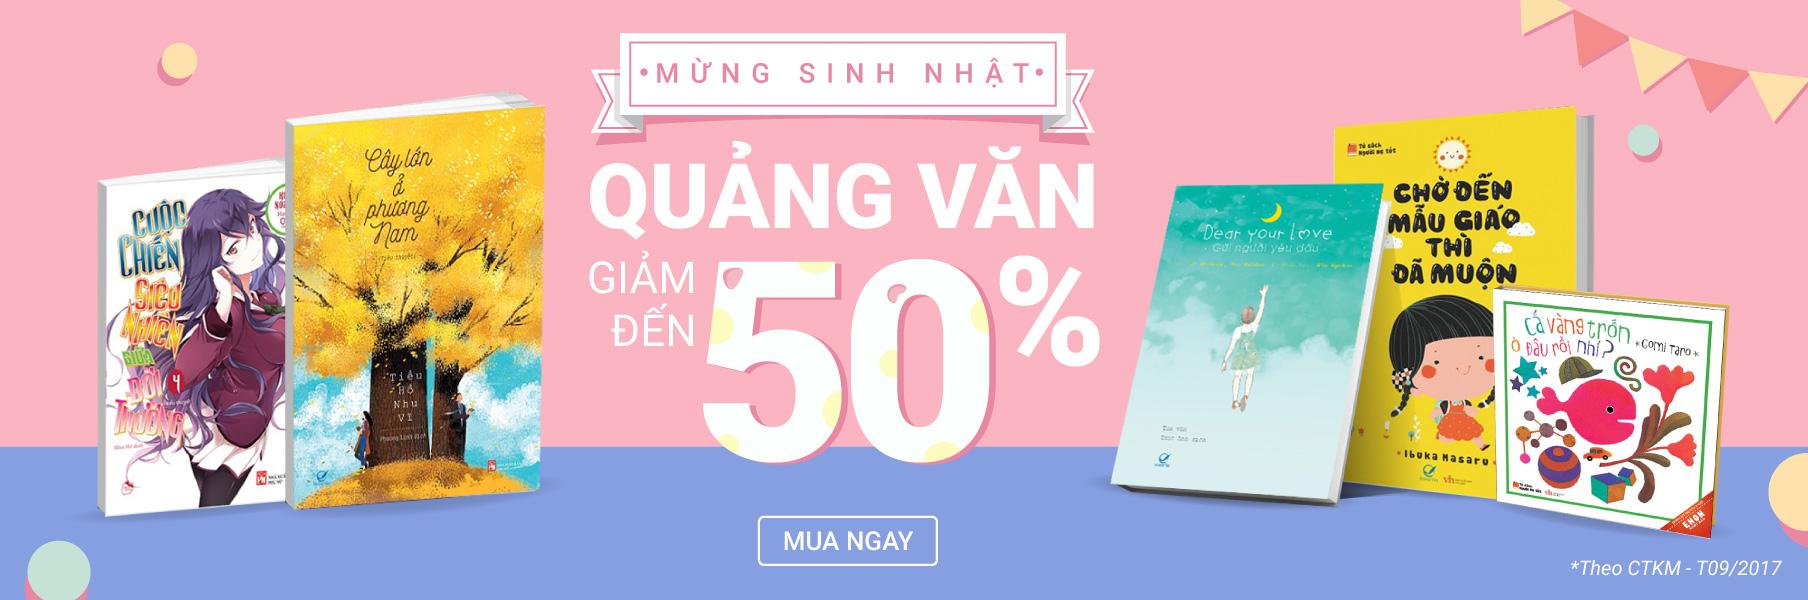 Sách Quảng Văn giảm đến 50%